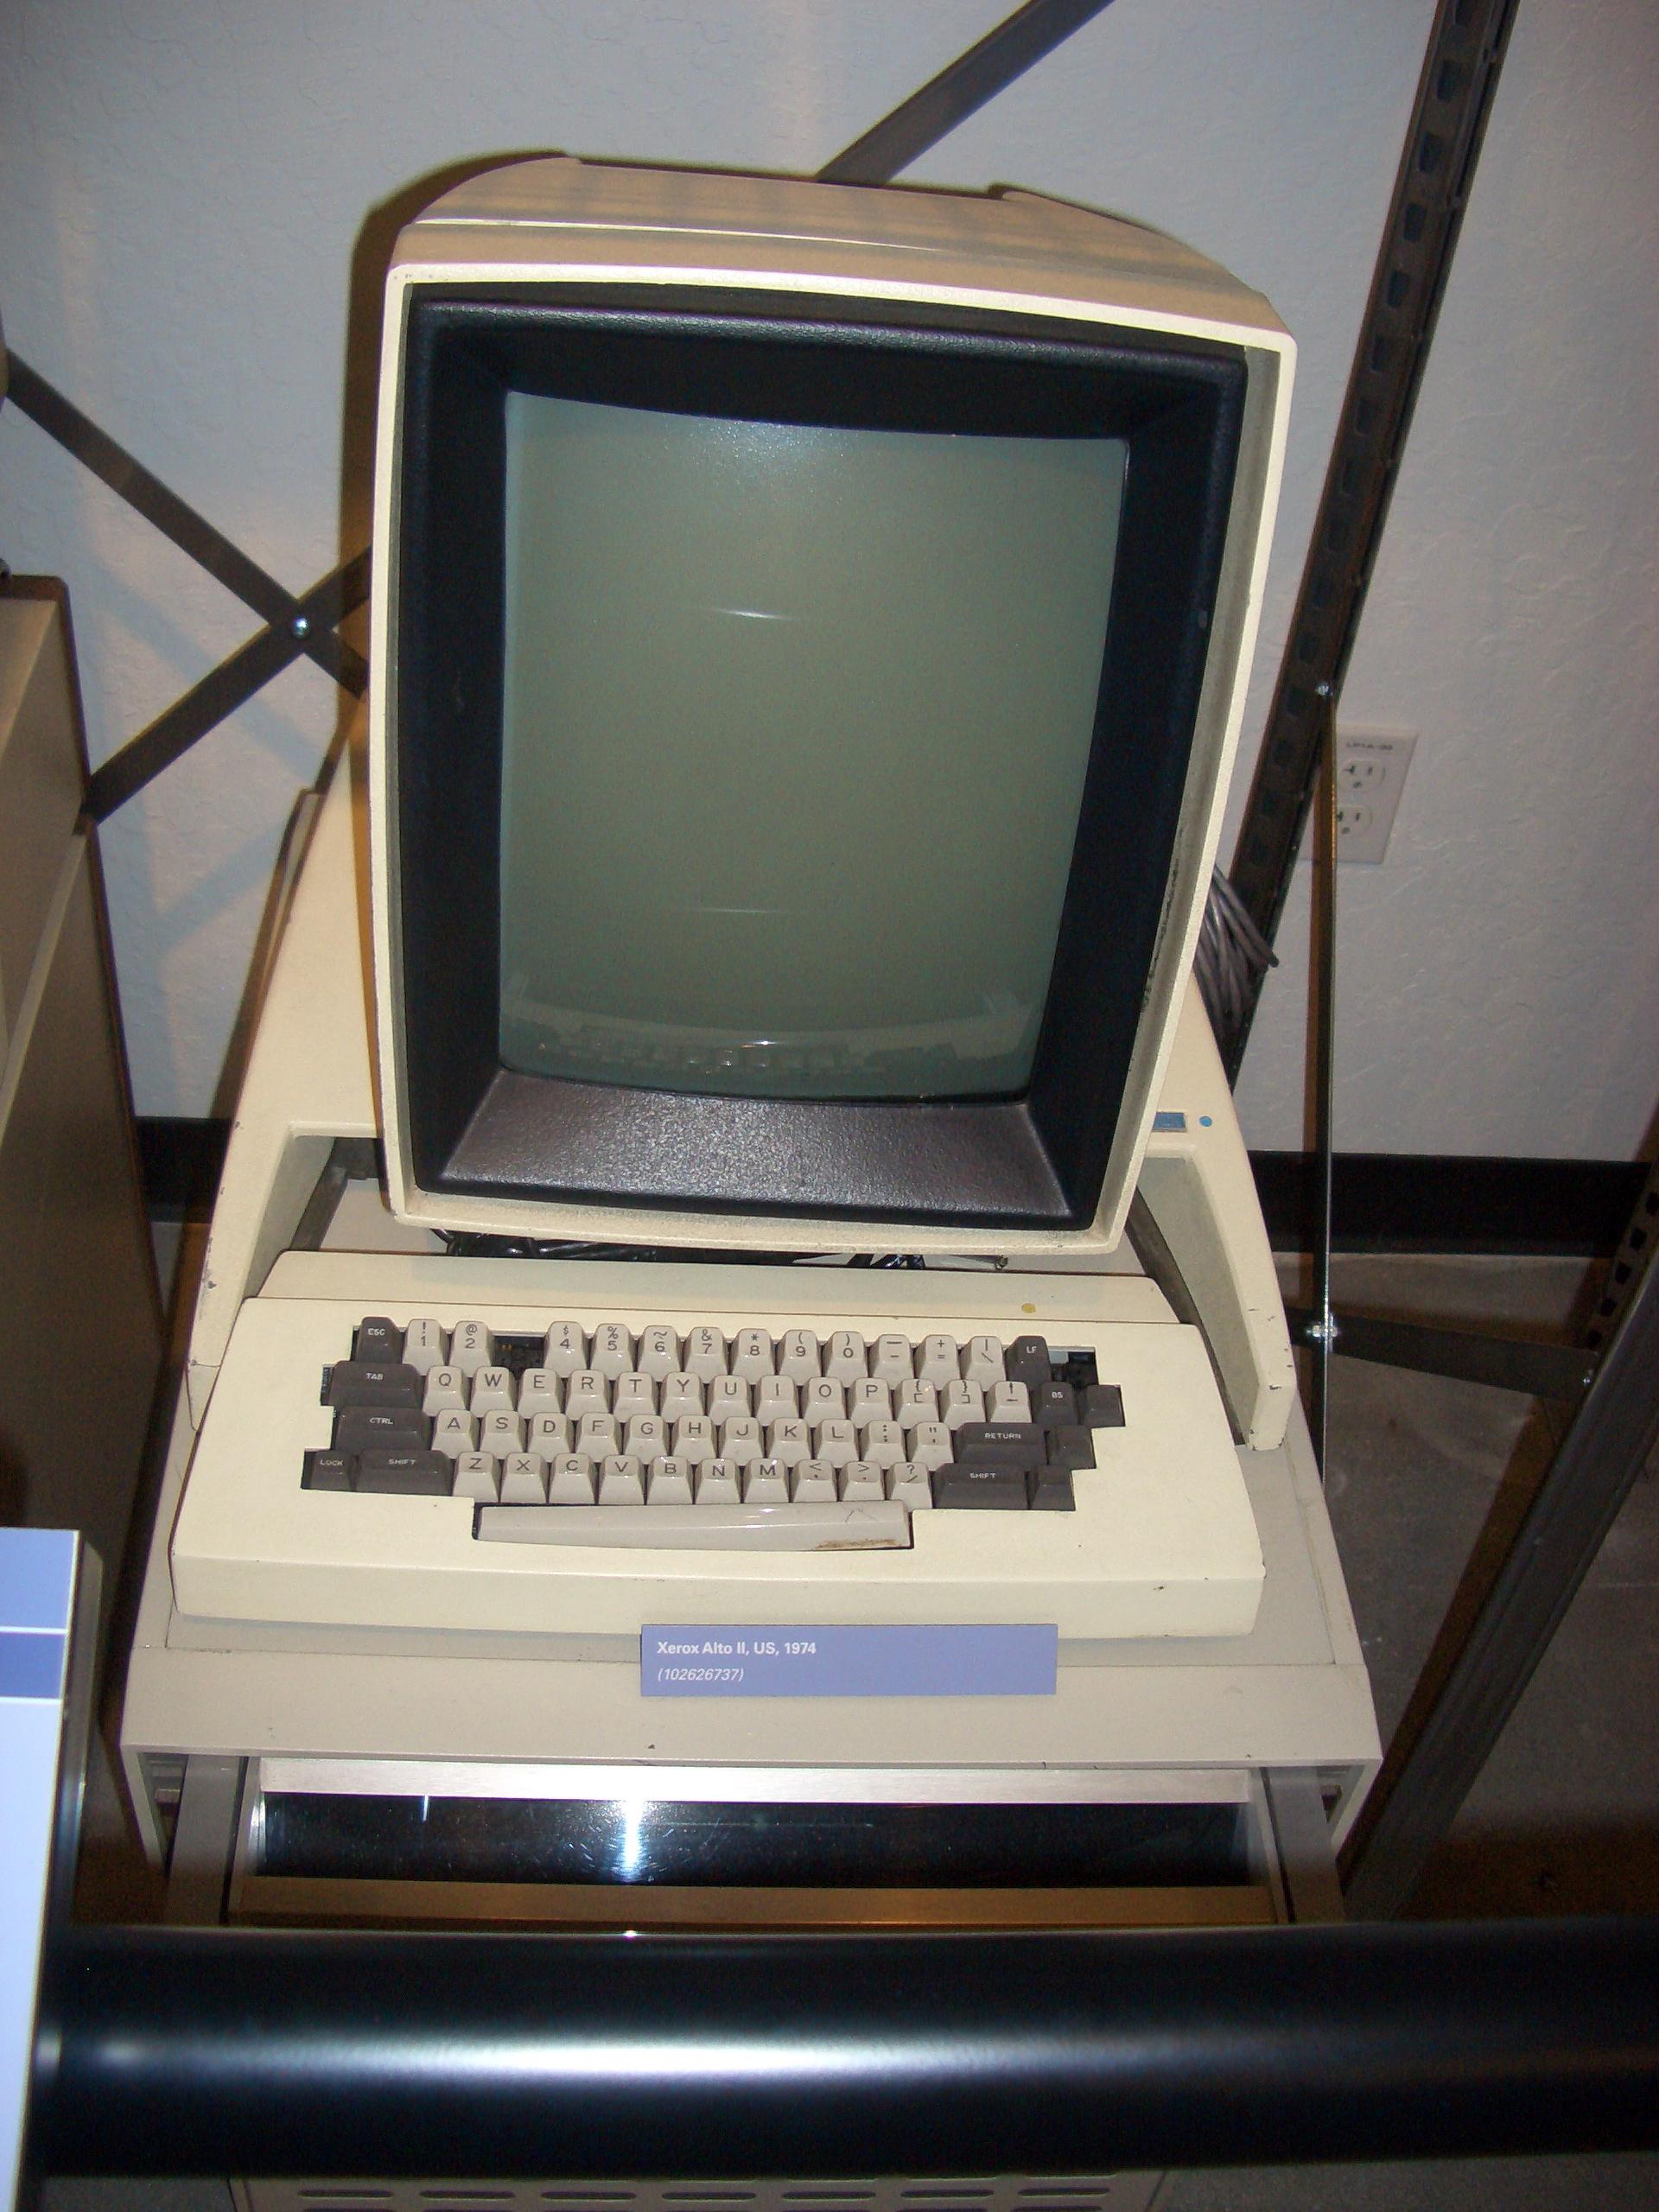 Xerox Alto.jpg